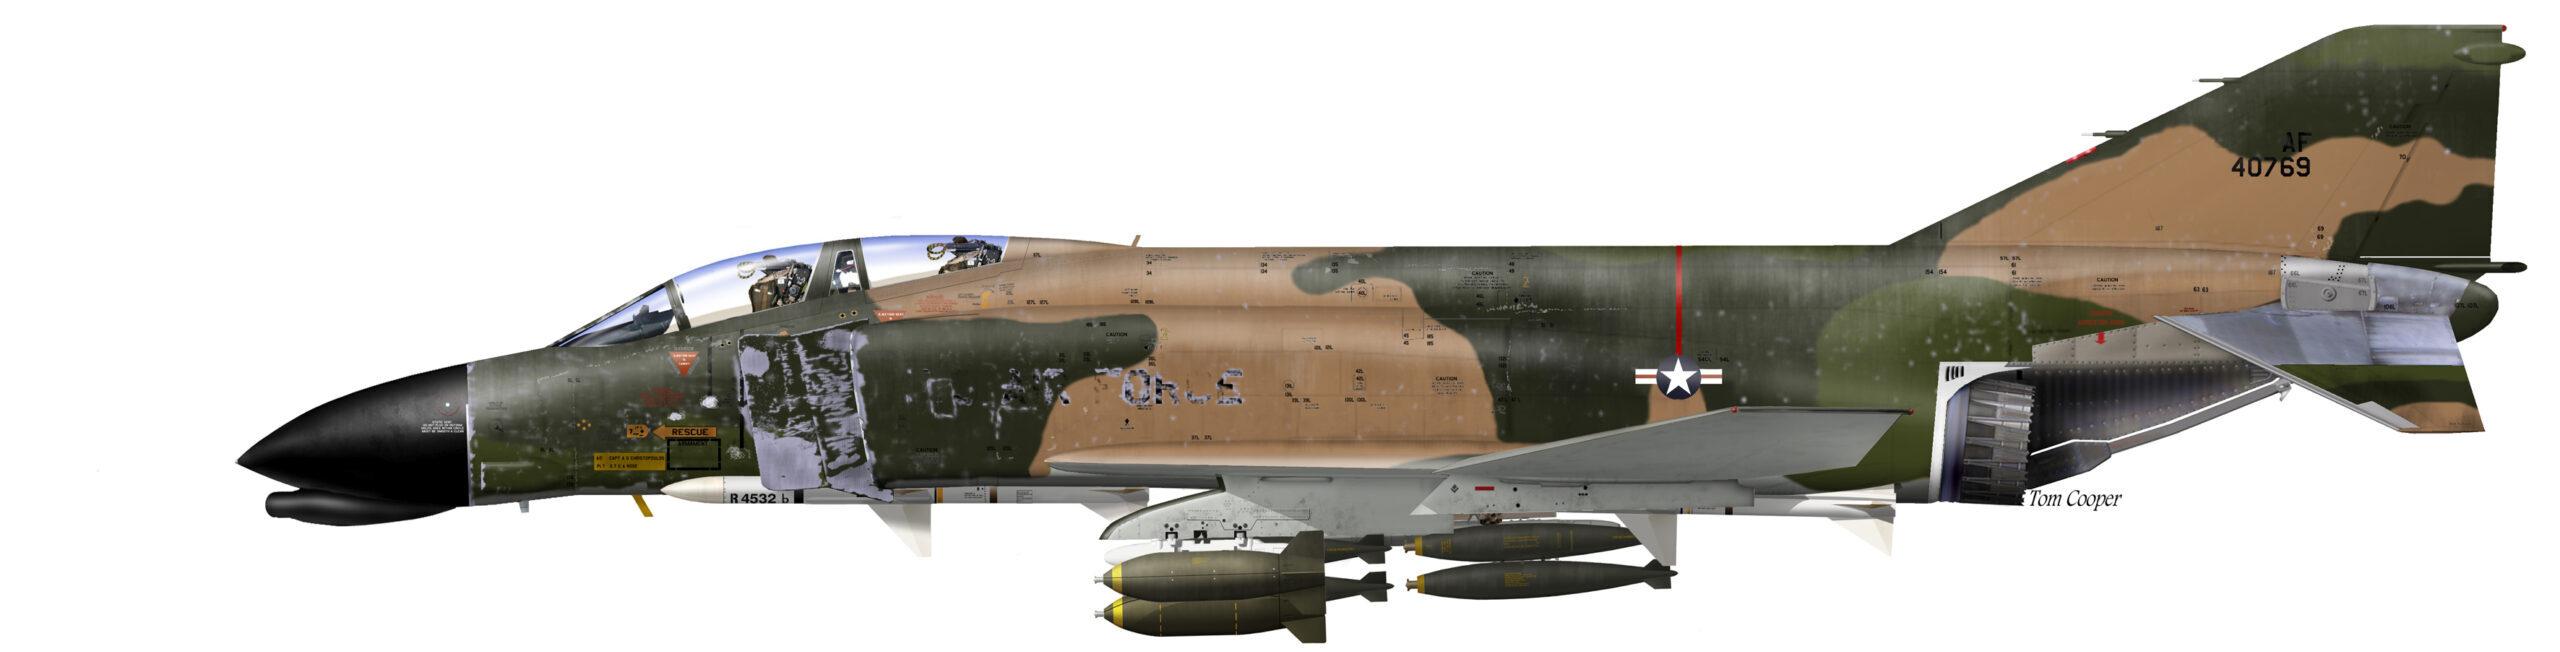 USAF F-4C XC 64-0769